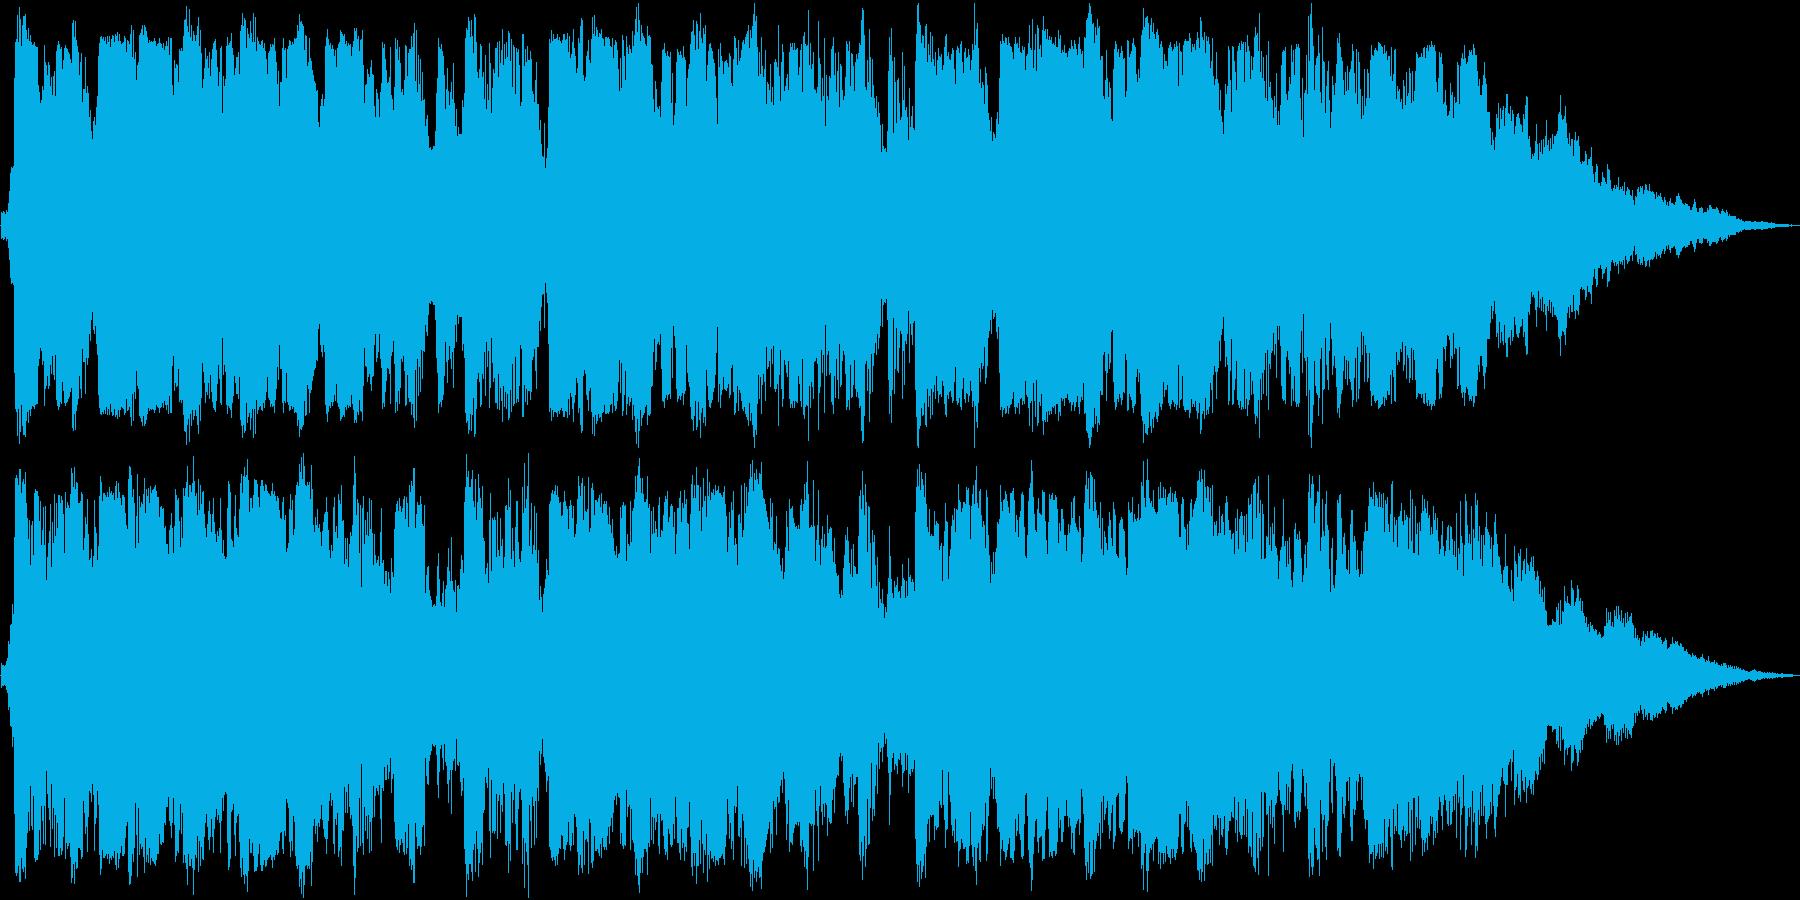 【20秒】きらめく海・夏/ラジオCM用の再生済みの波形